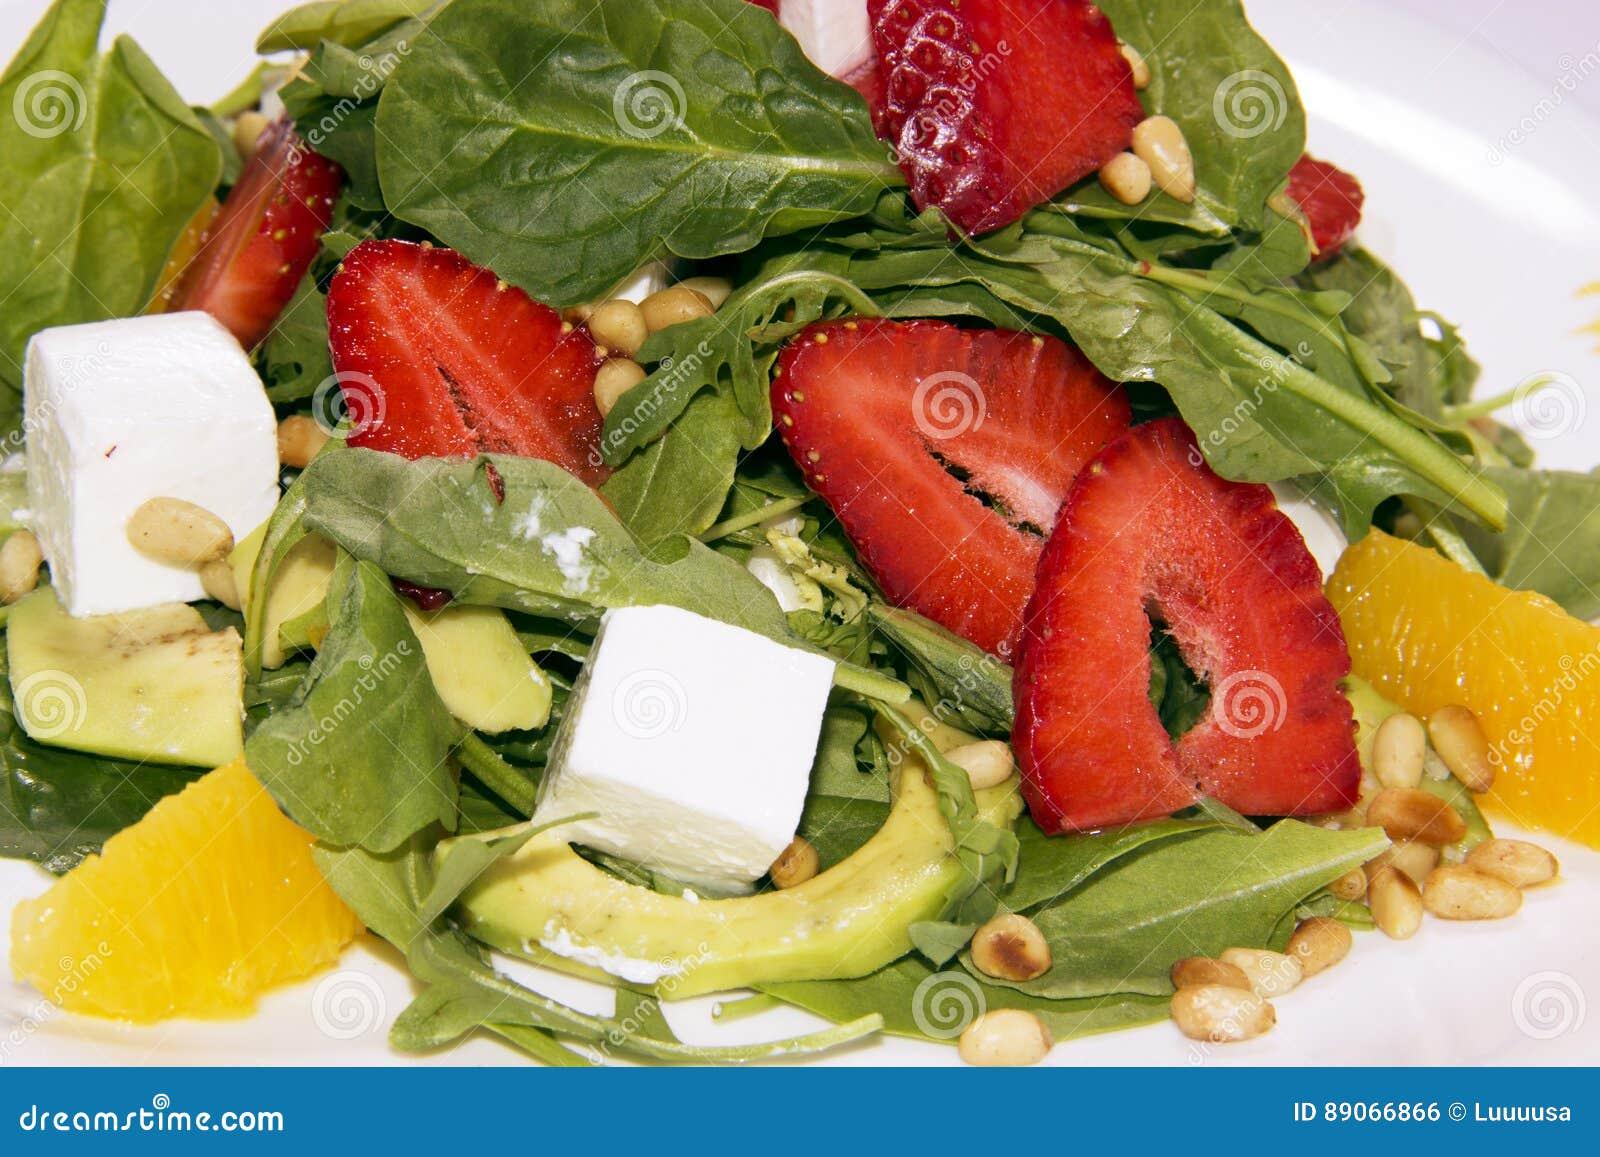 Salade met arugula, aardbeien en kaas achtergrondsaladetextuur